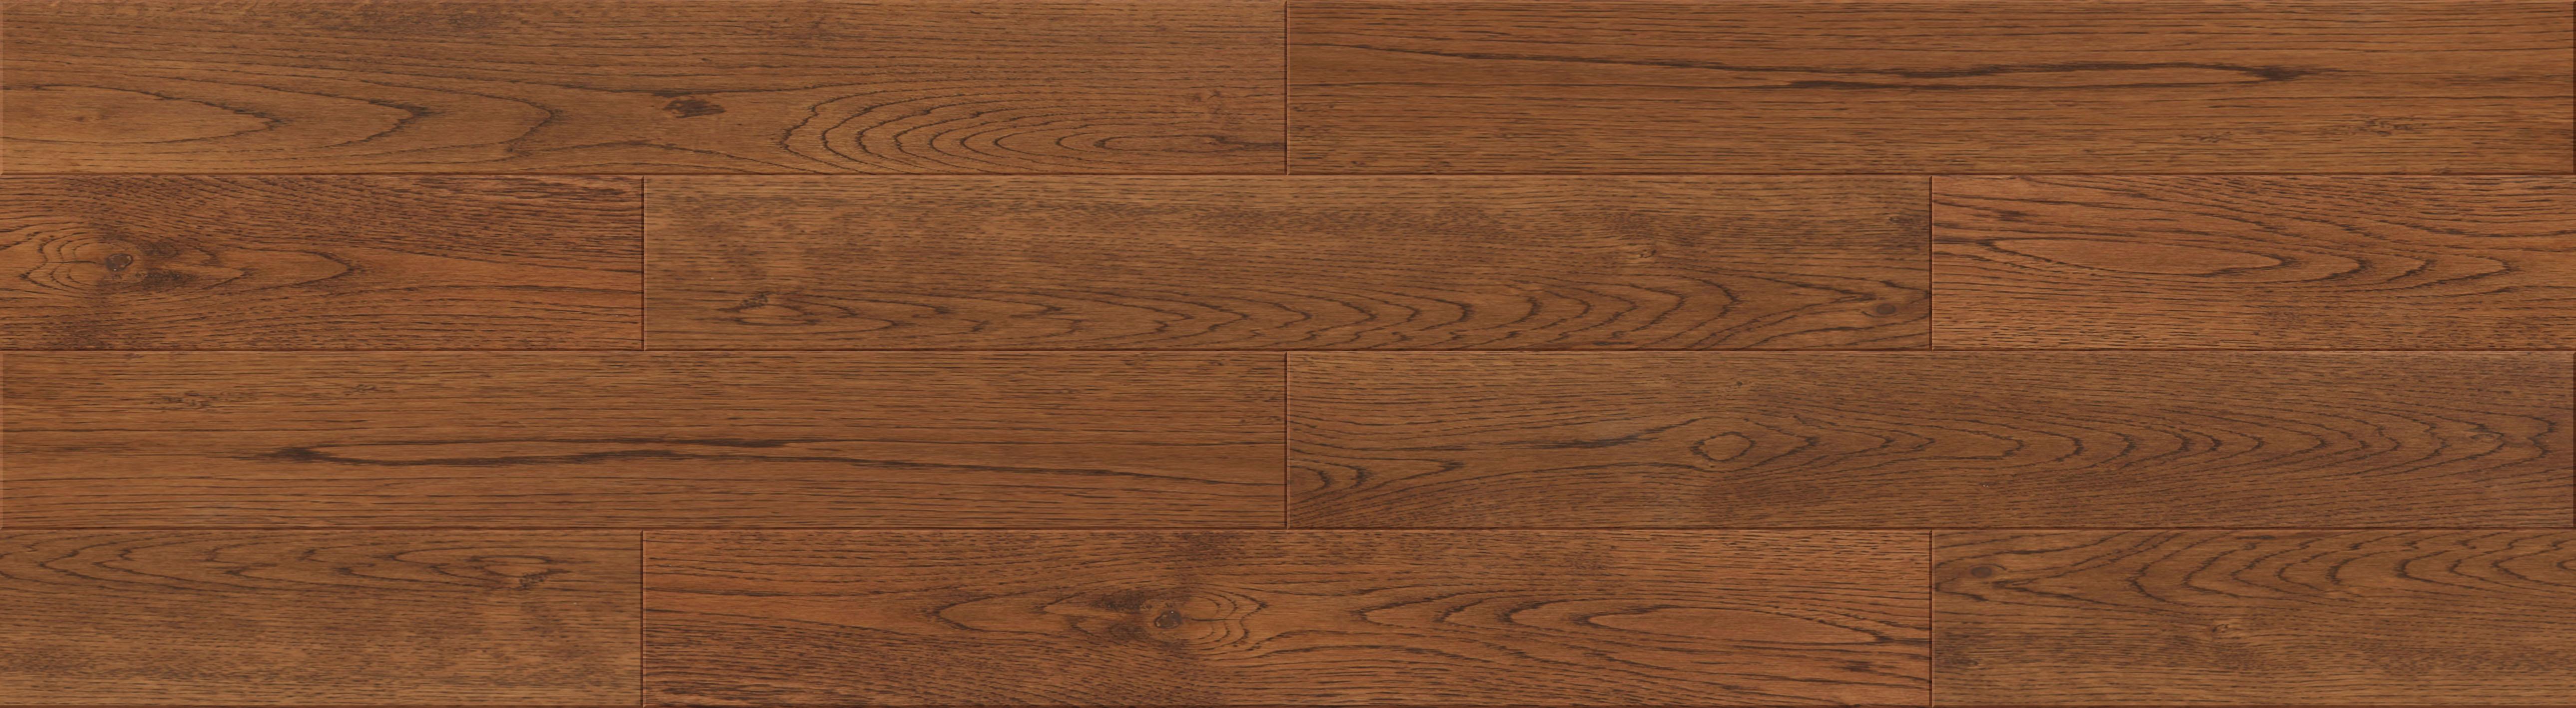 木地板高清贴图【ID:636629882】